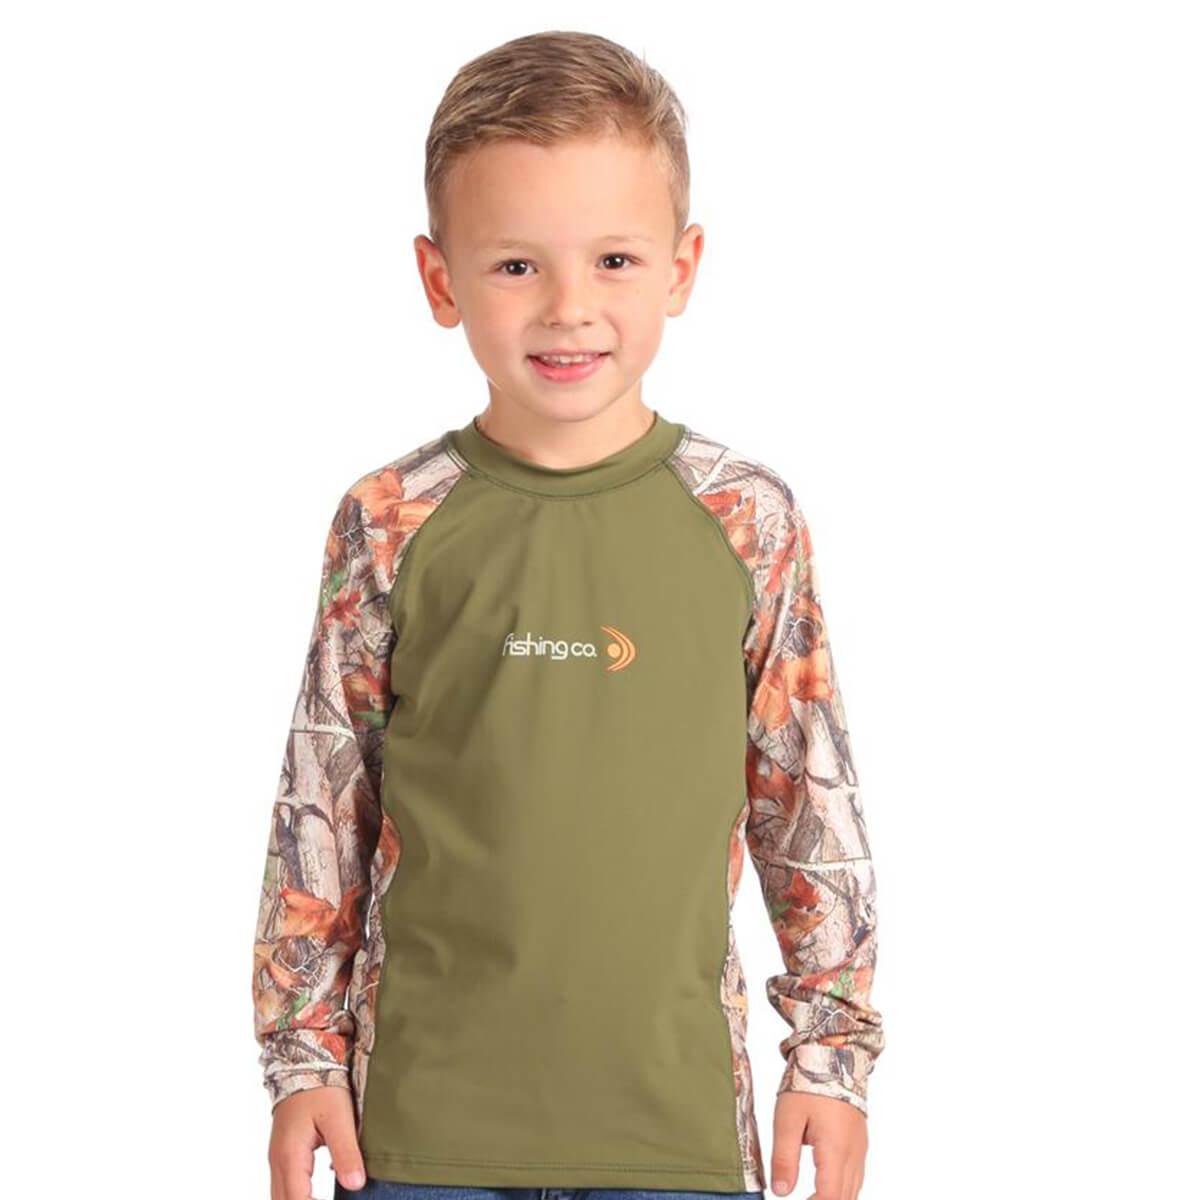 Camiseta Fishing Co Infantil 4 anos Estampada